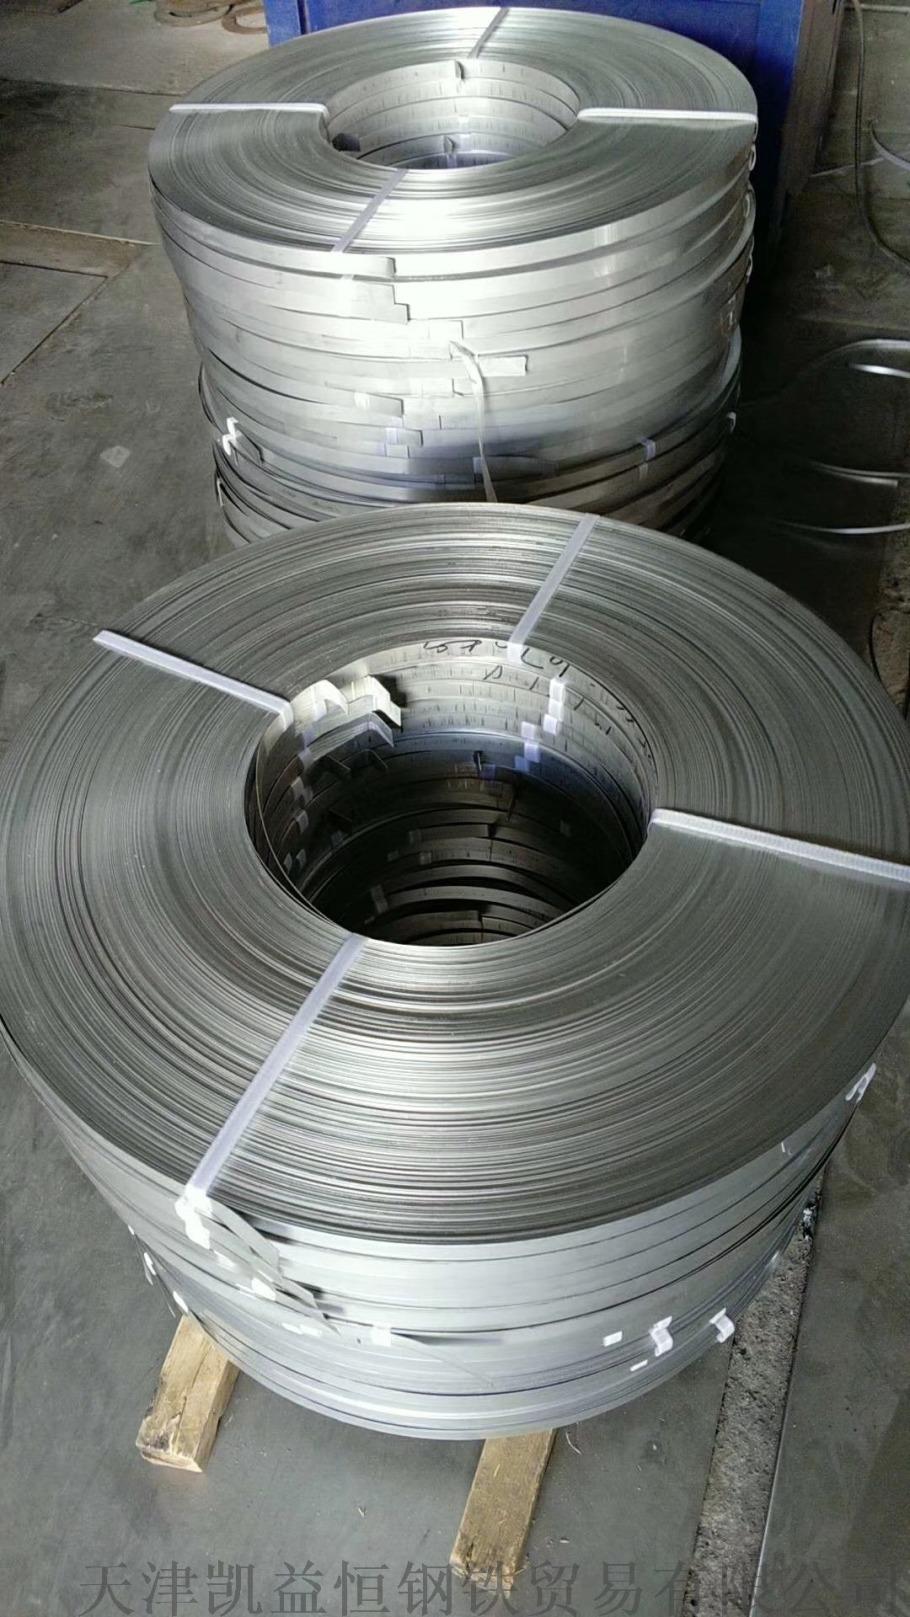 304不锈钢带厂 304不锈冷轧钢带加工106529245